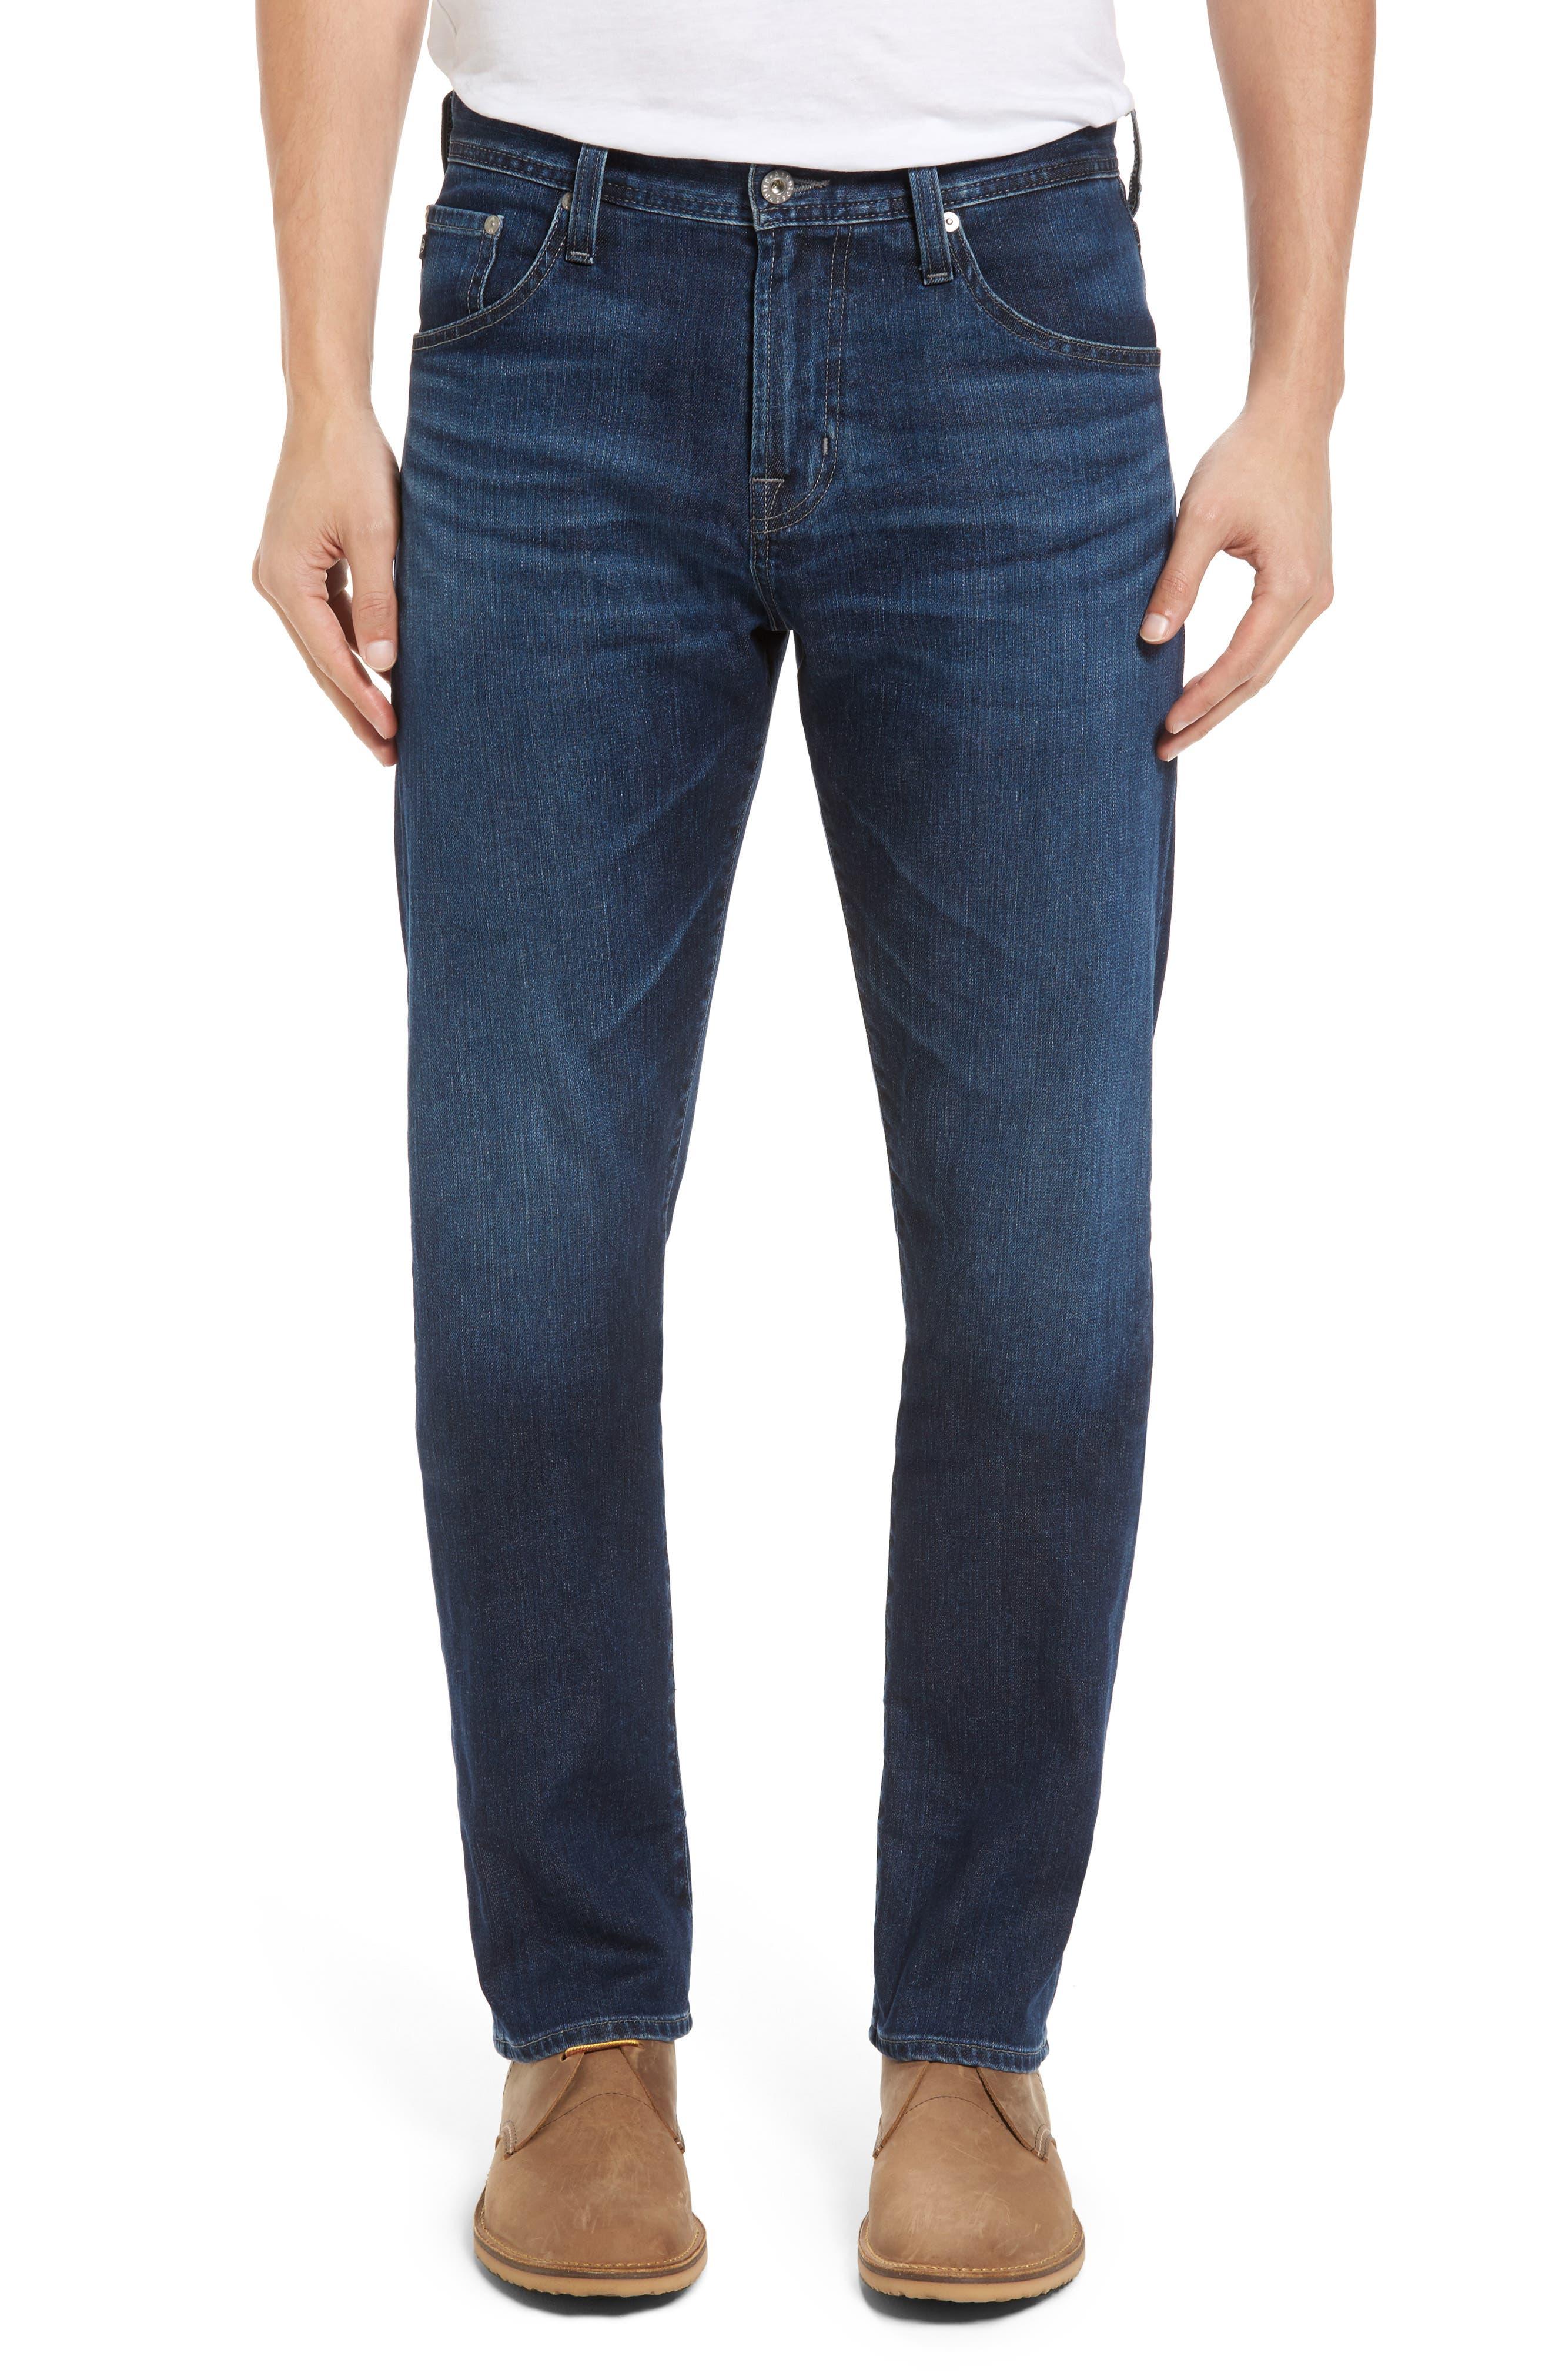 Ives Straight Leg Jeans,                         Main,                         color, Brackett